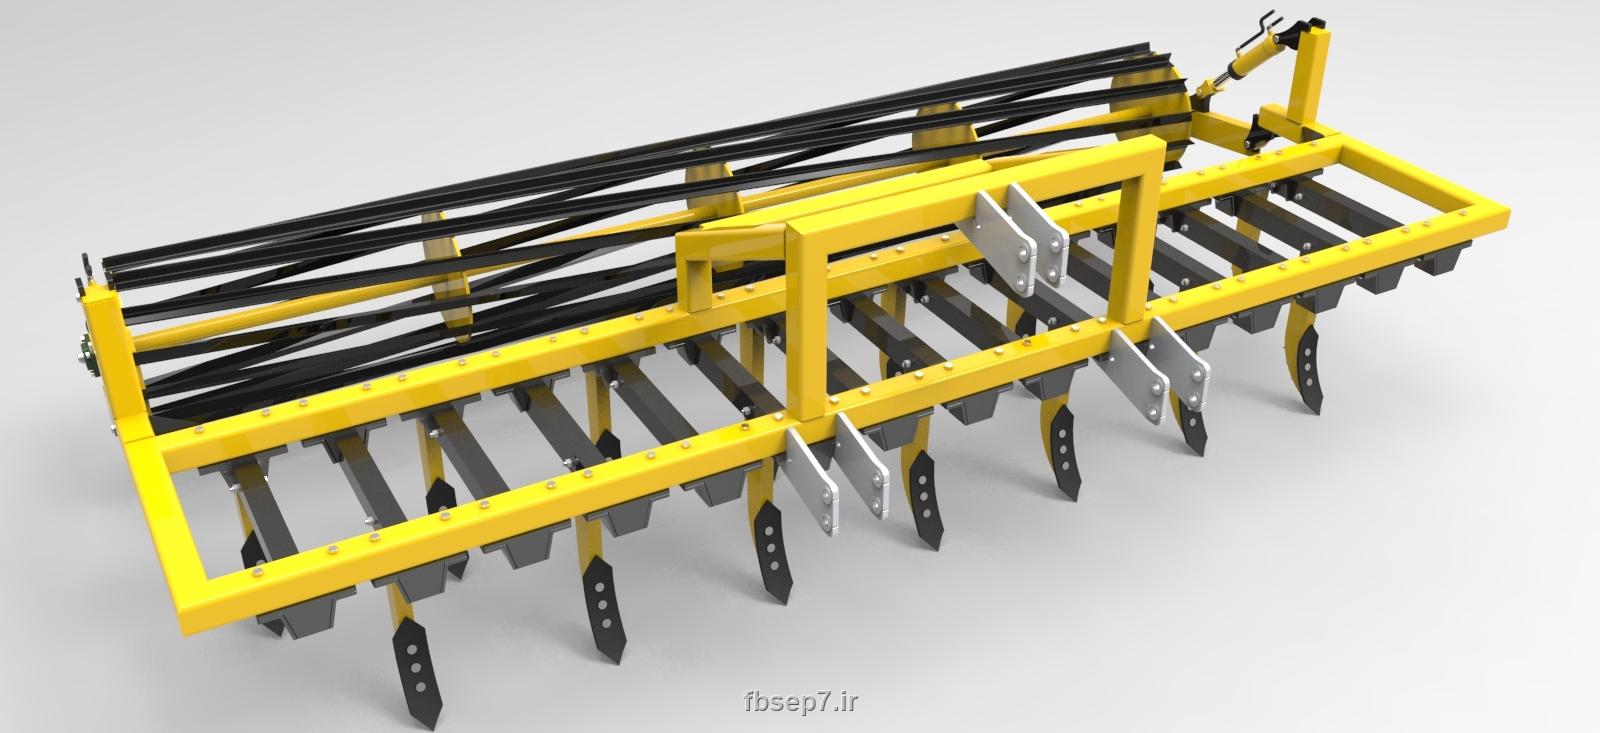 دانلود پروژه طراحی کولتیواتور - ادوات کشاورزی در سالیدورک solidwork